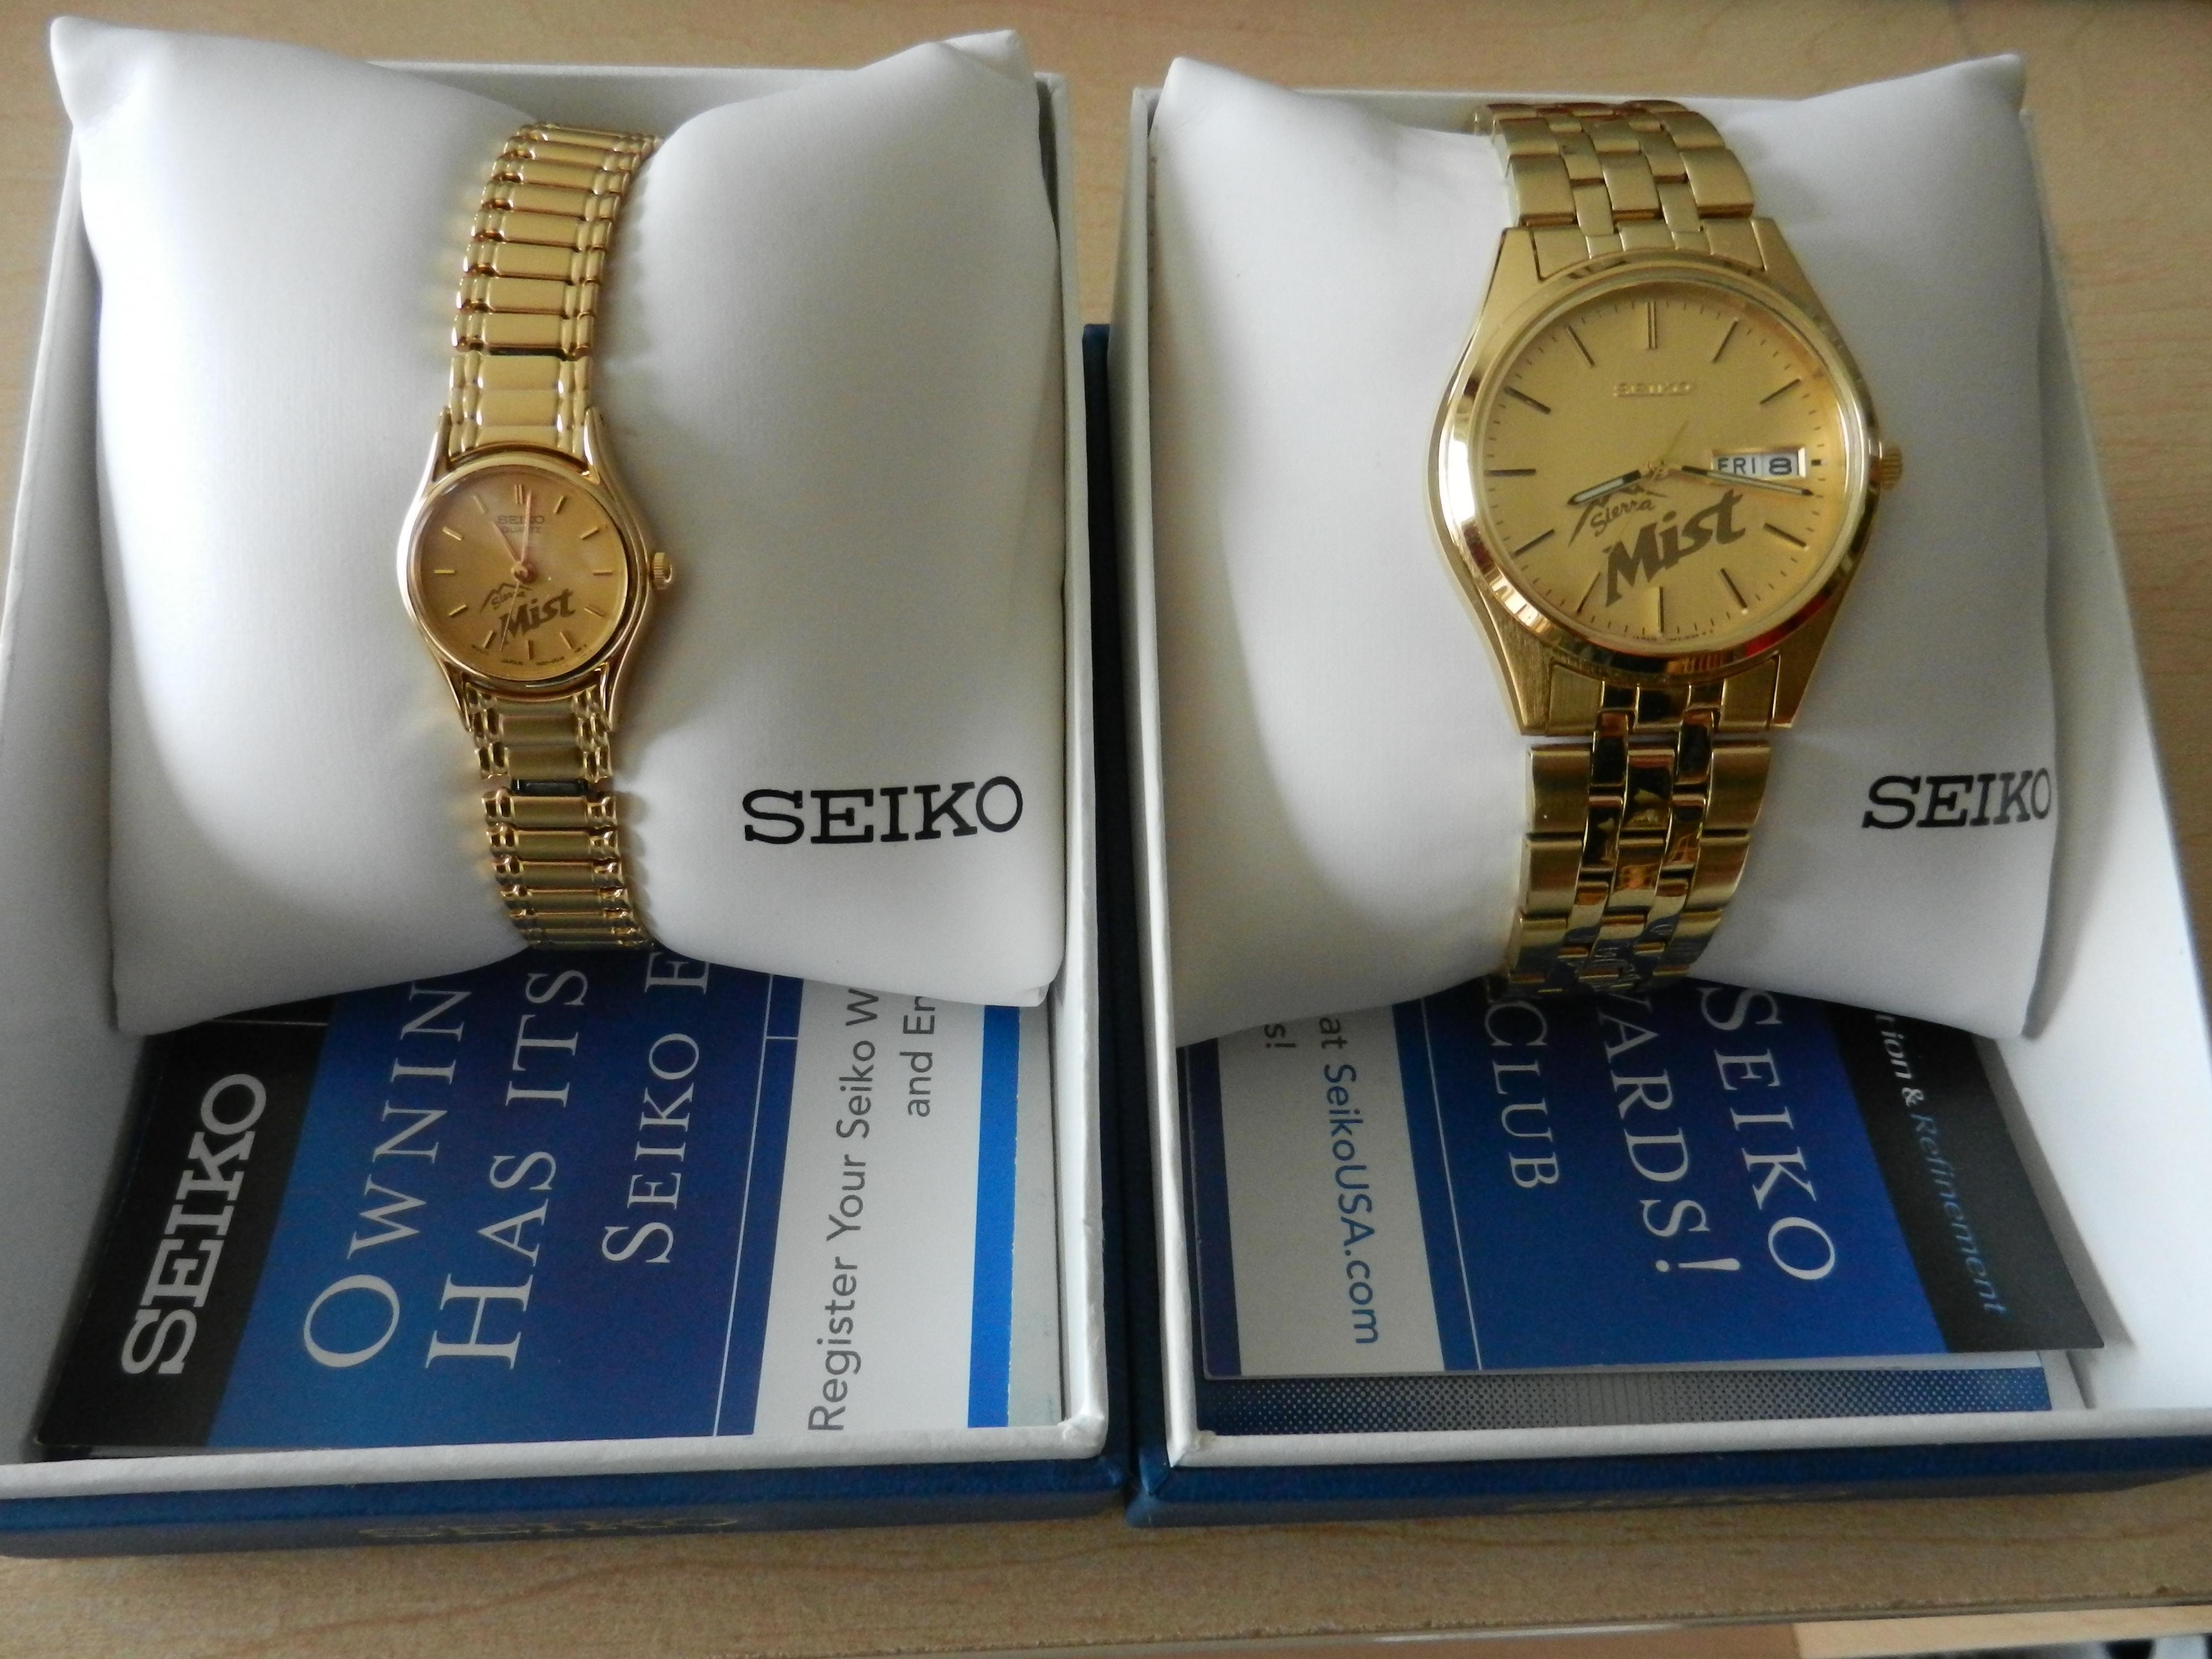 Seiko Sierra Mist Mens and Ladies watches